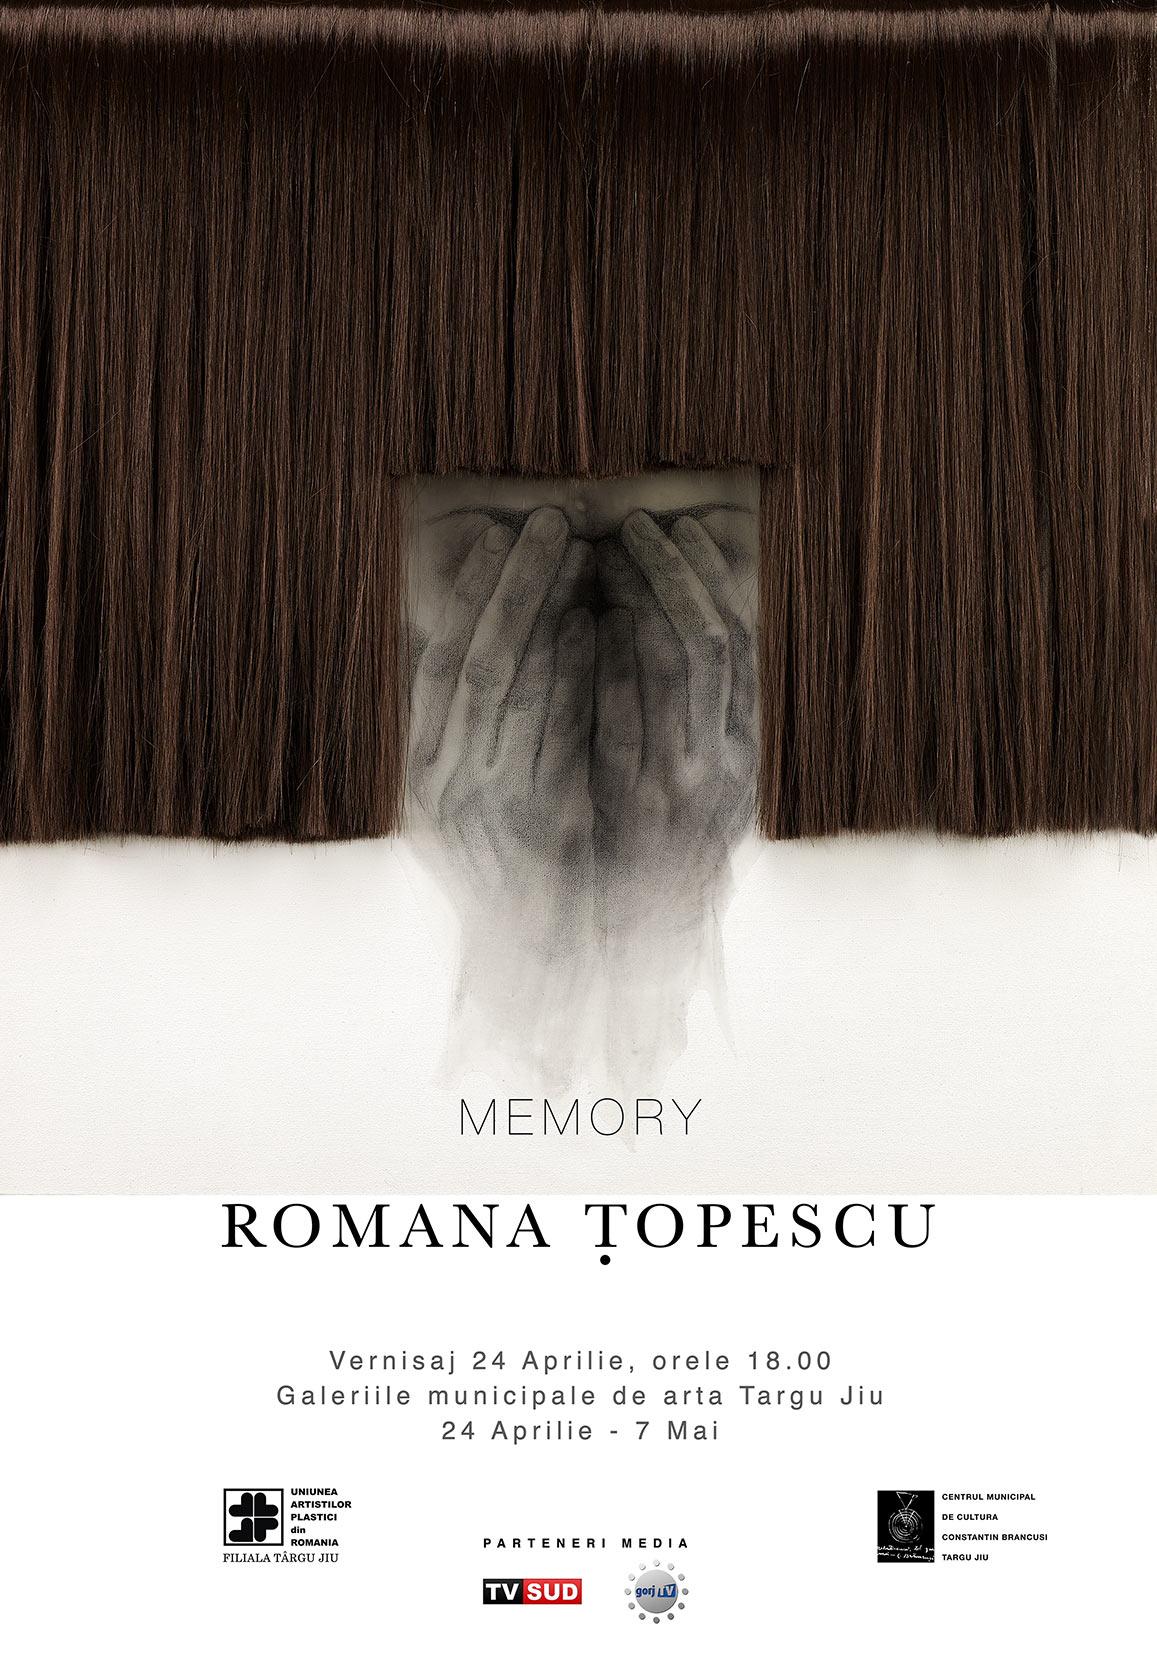 """Romana Țopescu, """"Memory"""" @ Galeriile Municipale de Artă Târgu Jiu"""